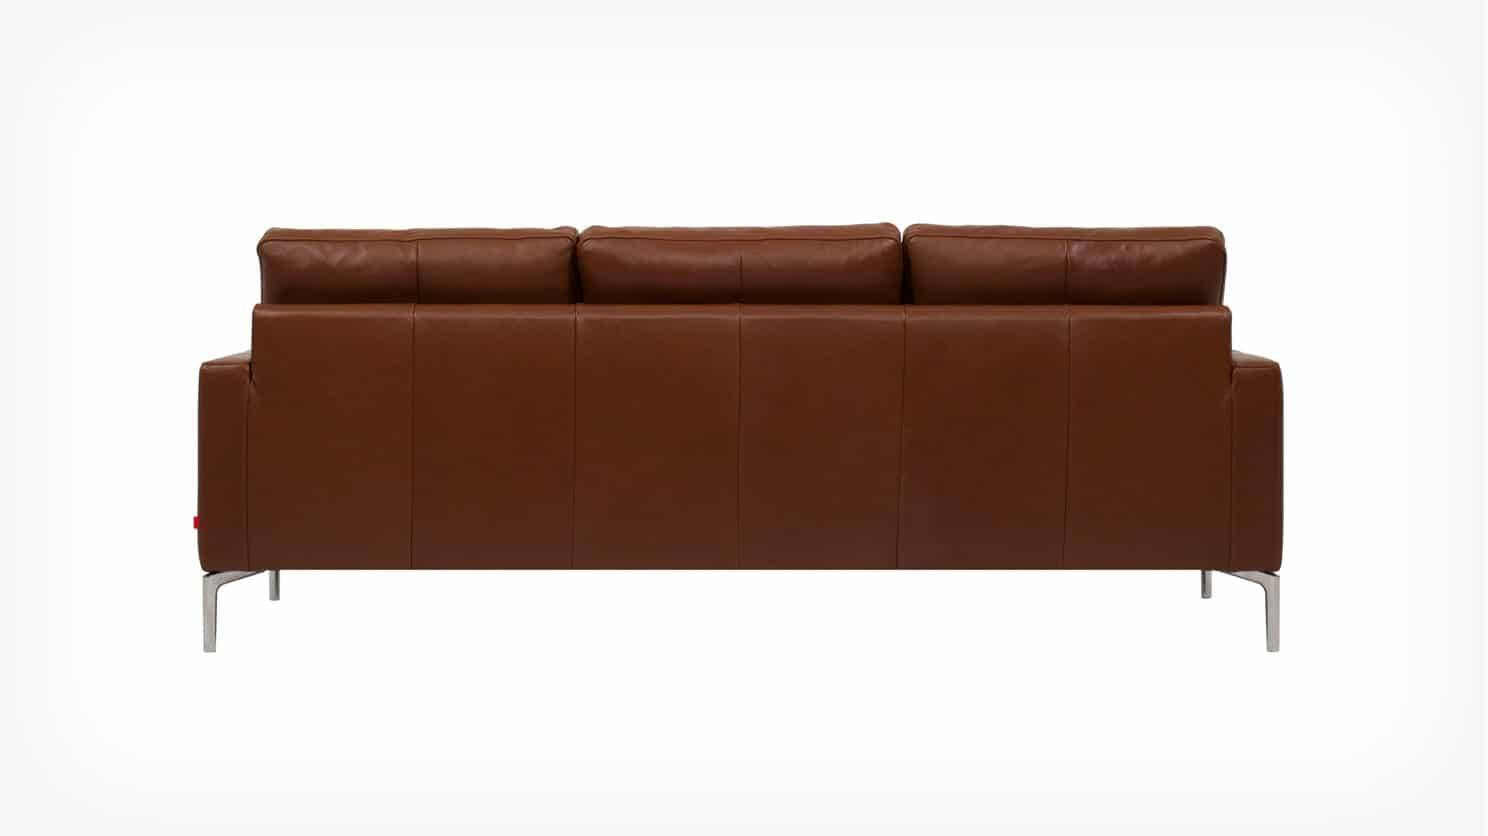 31127 01 04 sofa eve classic durango rio back view